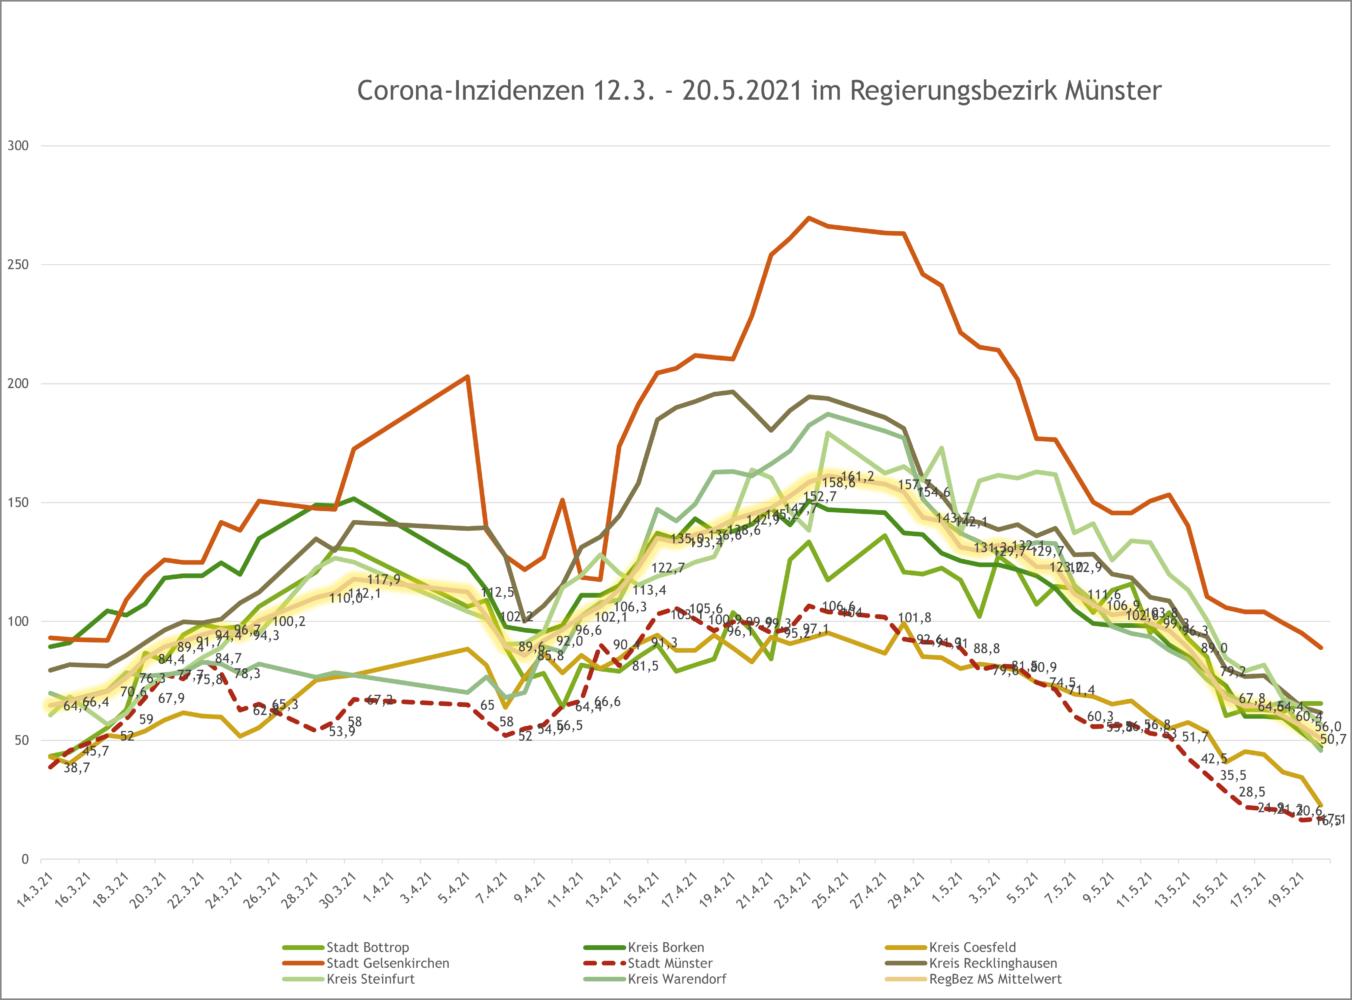 7-Tage-Inzidenzen im Regierungsbezirk Münster bis 20.5.2021 - Verlauf. Grafik: A. Hasenkamp.